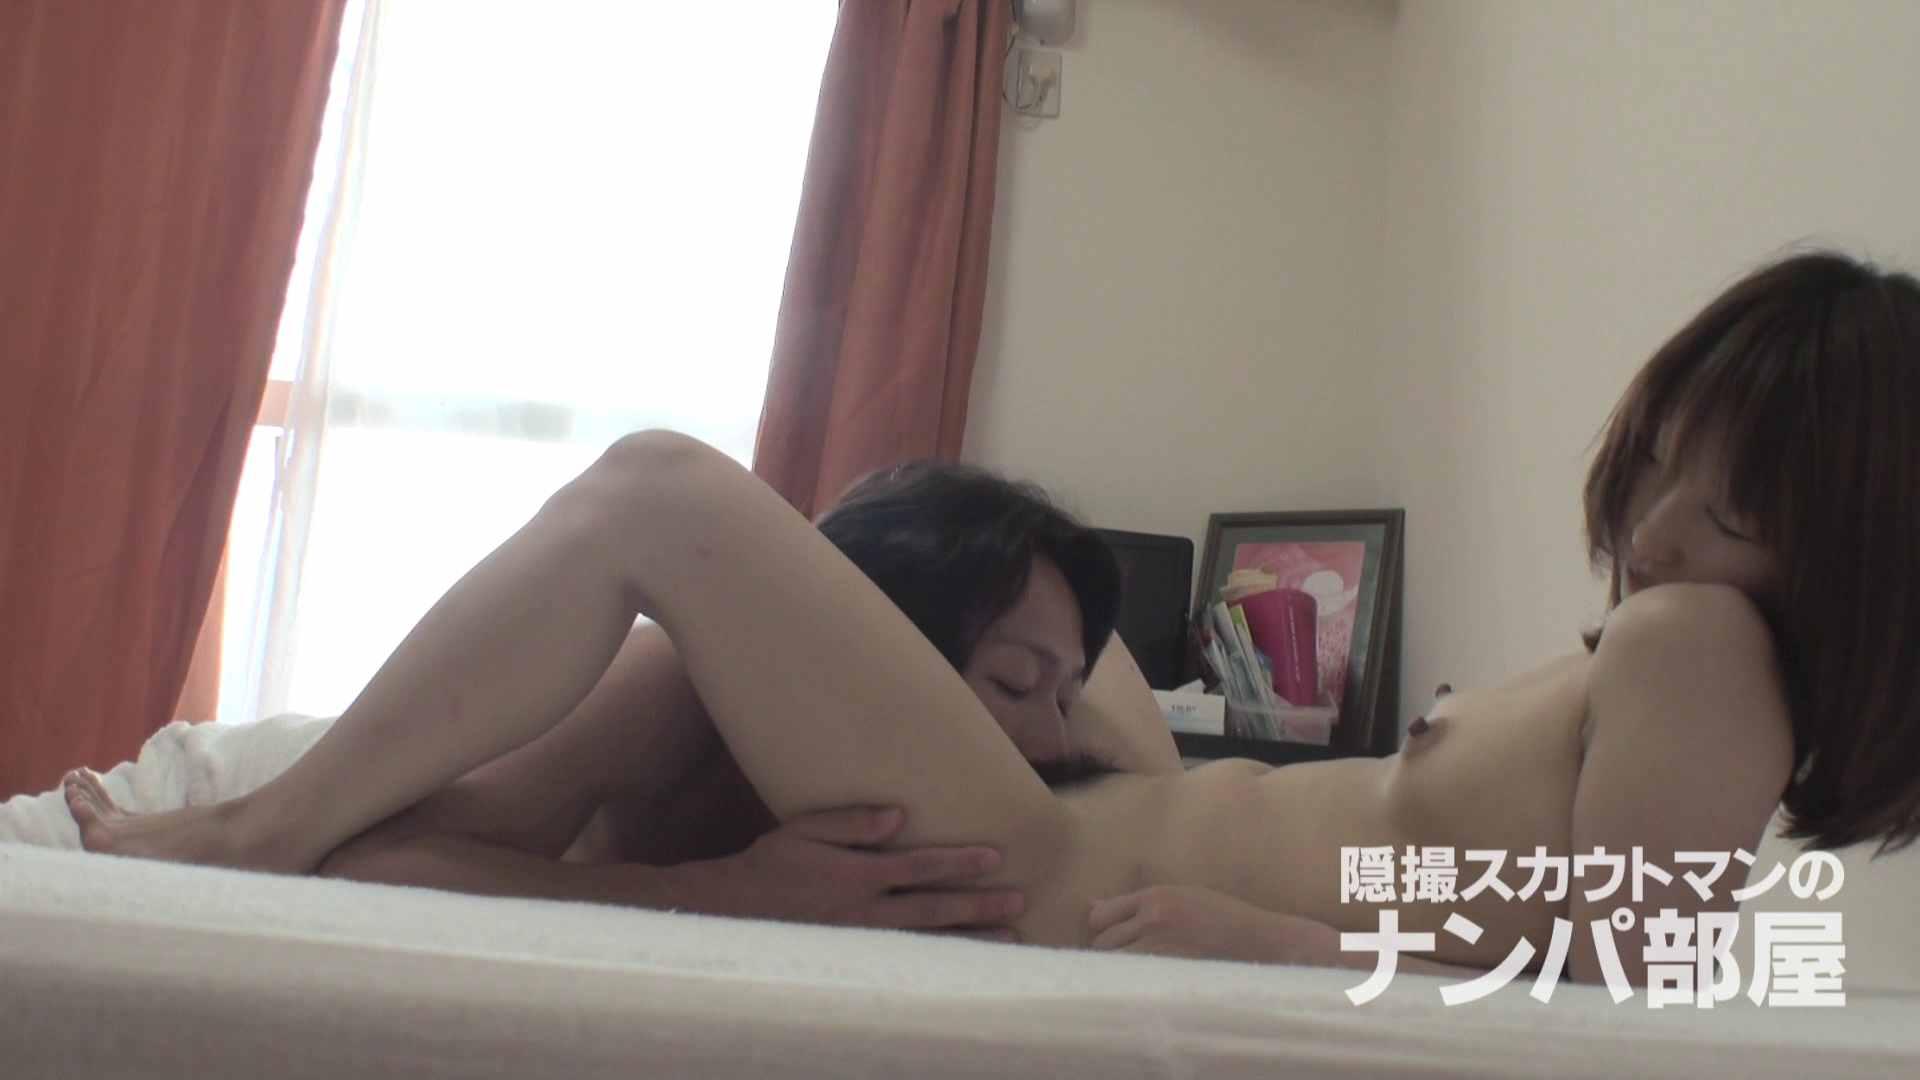 隠撮スカウトマンのナンパ部屋~風俗デビュー前のつまみ食い~ sii 隠撮  68連発 60